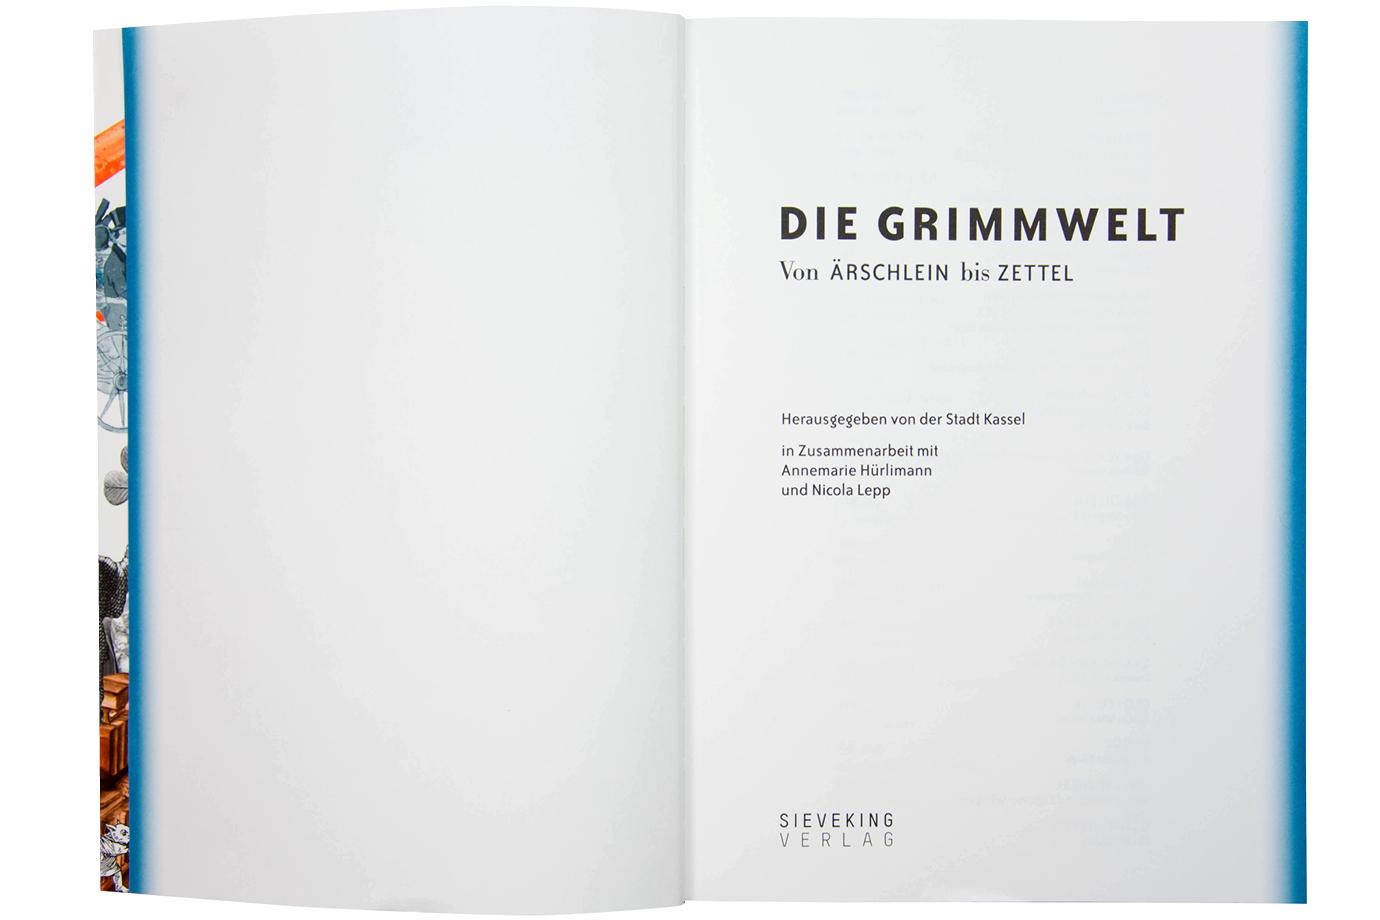 http://e-o-t.de/wordpress/wp-content/uploads/2017/05/2015_eot-Grimmwelt-Book-03.jpg